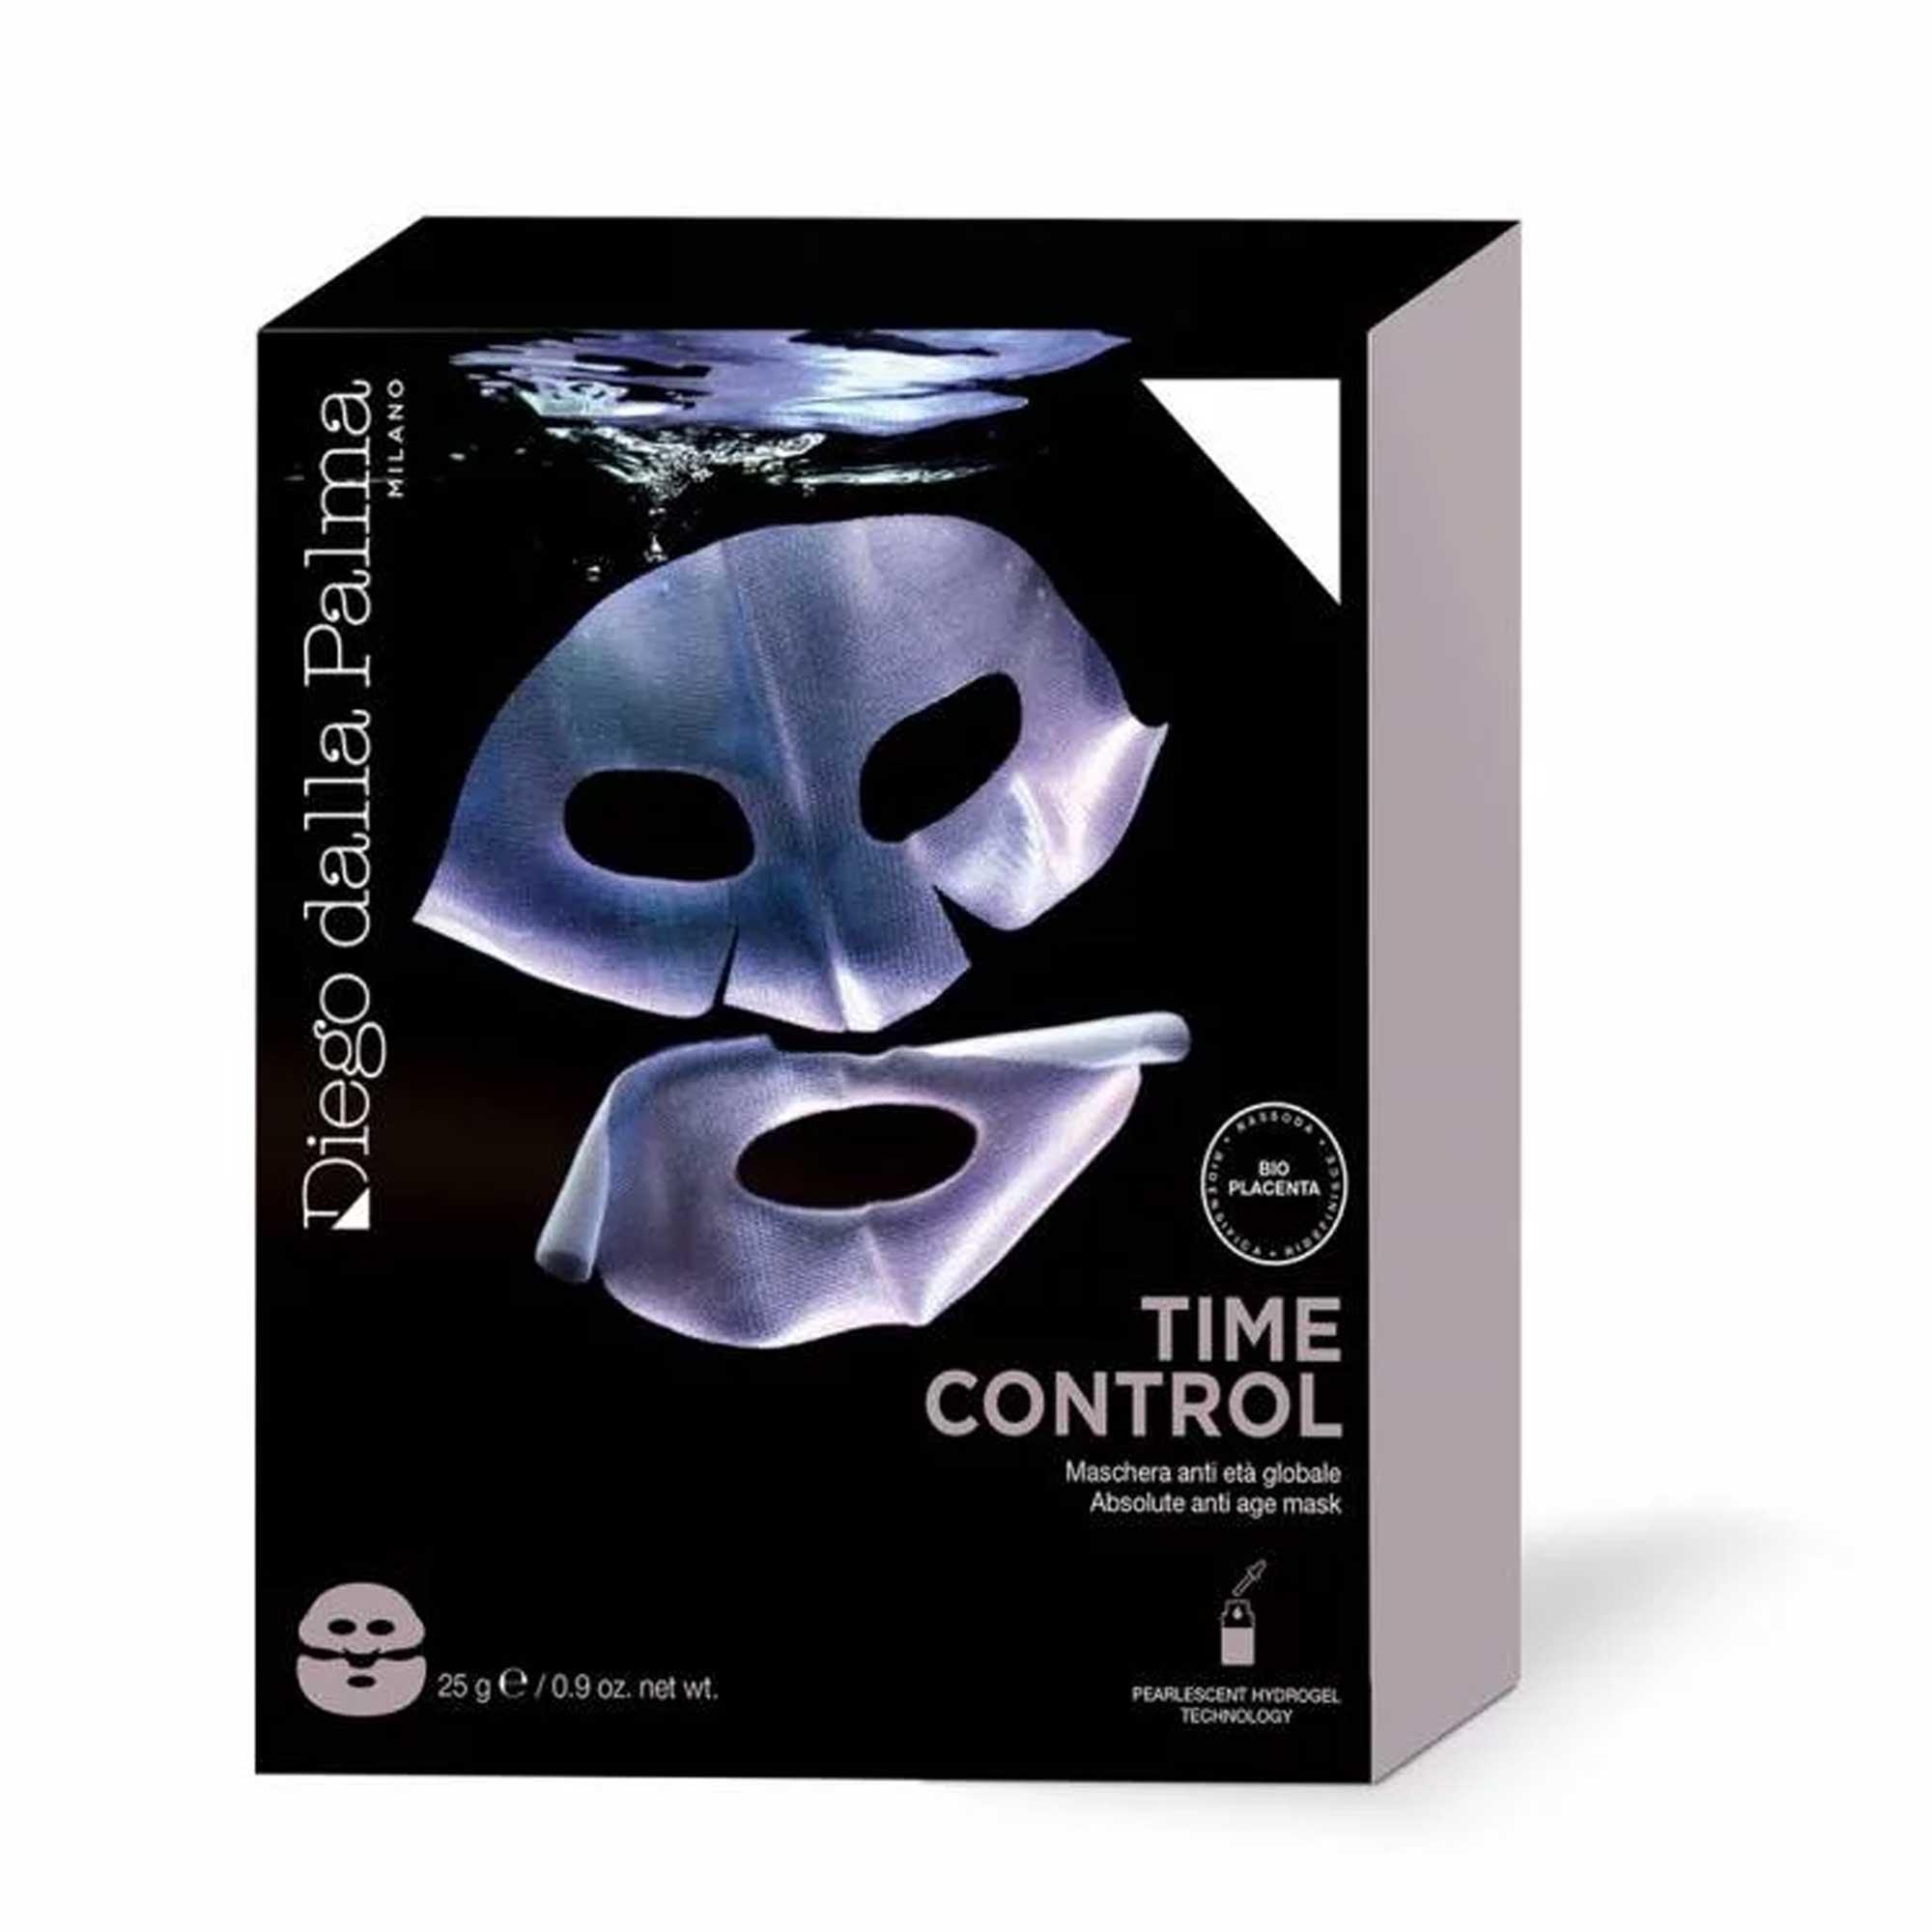 Maschera Anti Eta' Globale  - Diego dalla Palma